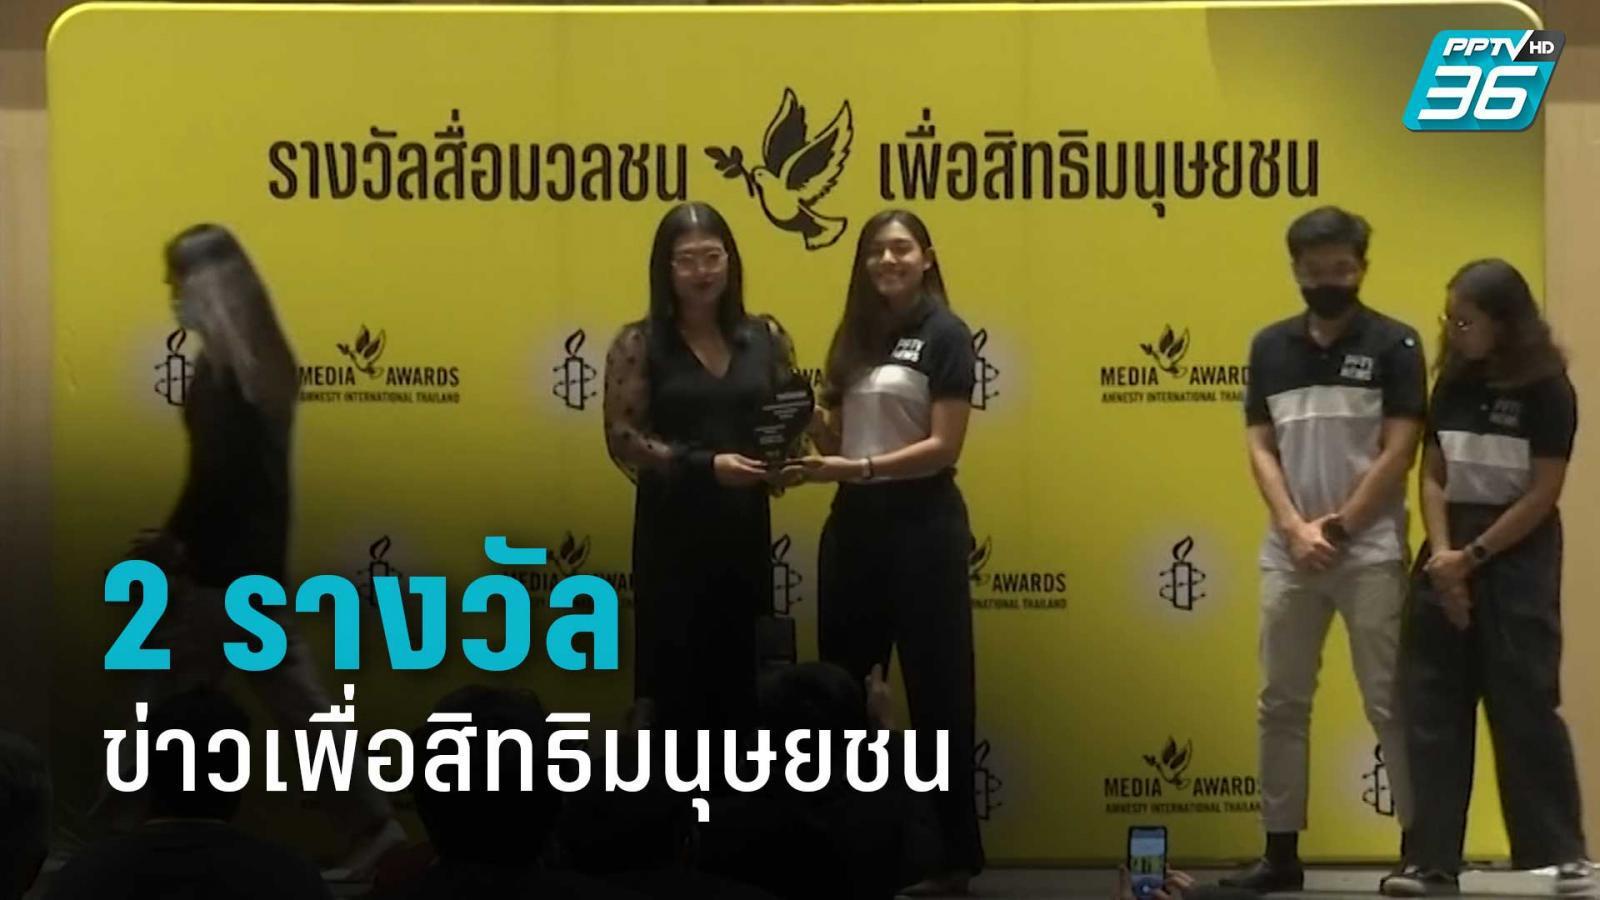 พีพีทีวี คว้า 2 รางวัล ข่าวเพื่อสิทธิมนุษยชน 2563